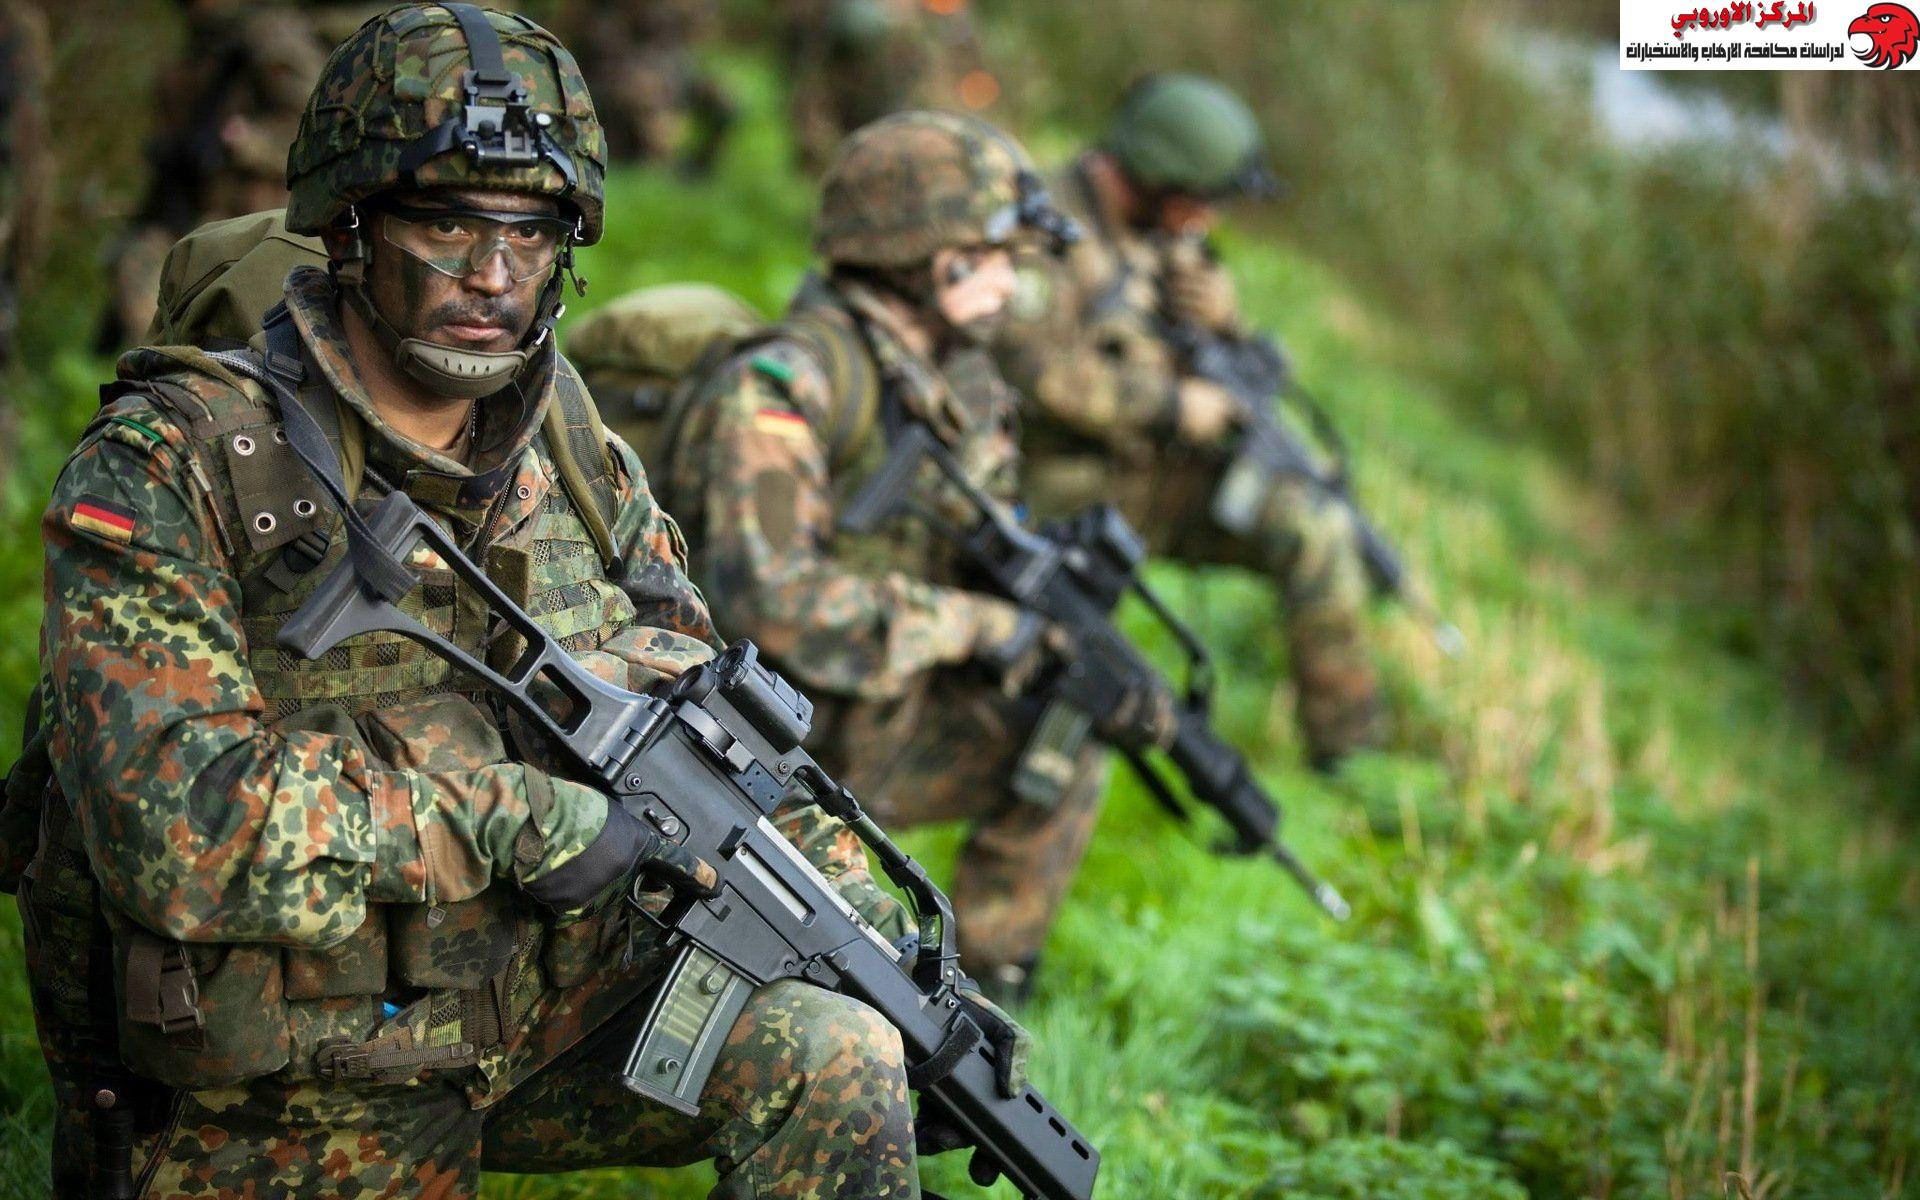 دور الجيش الألماني بإصلاح قطاع الأمن ومكافحة الإرهاب في أقليم كردستان العراق